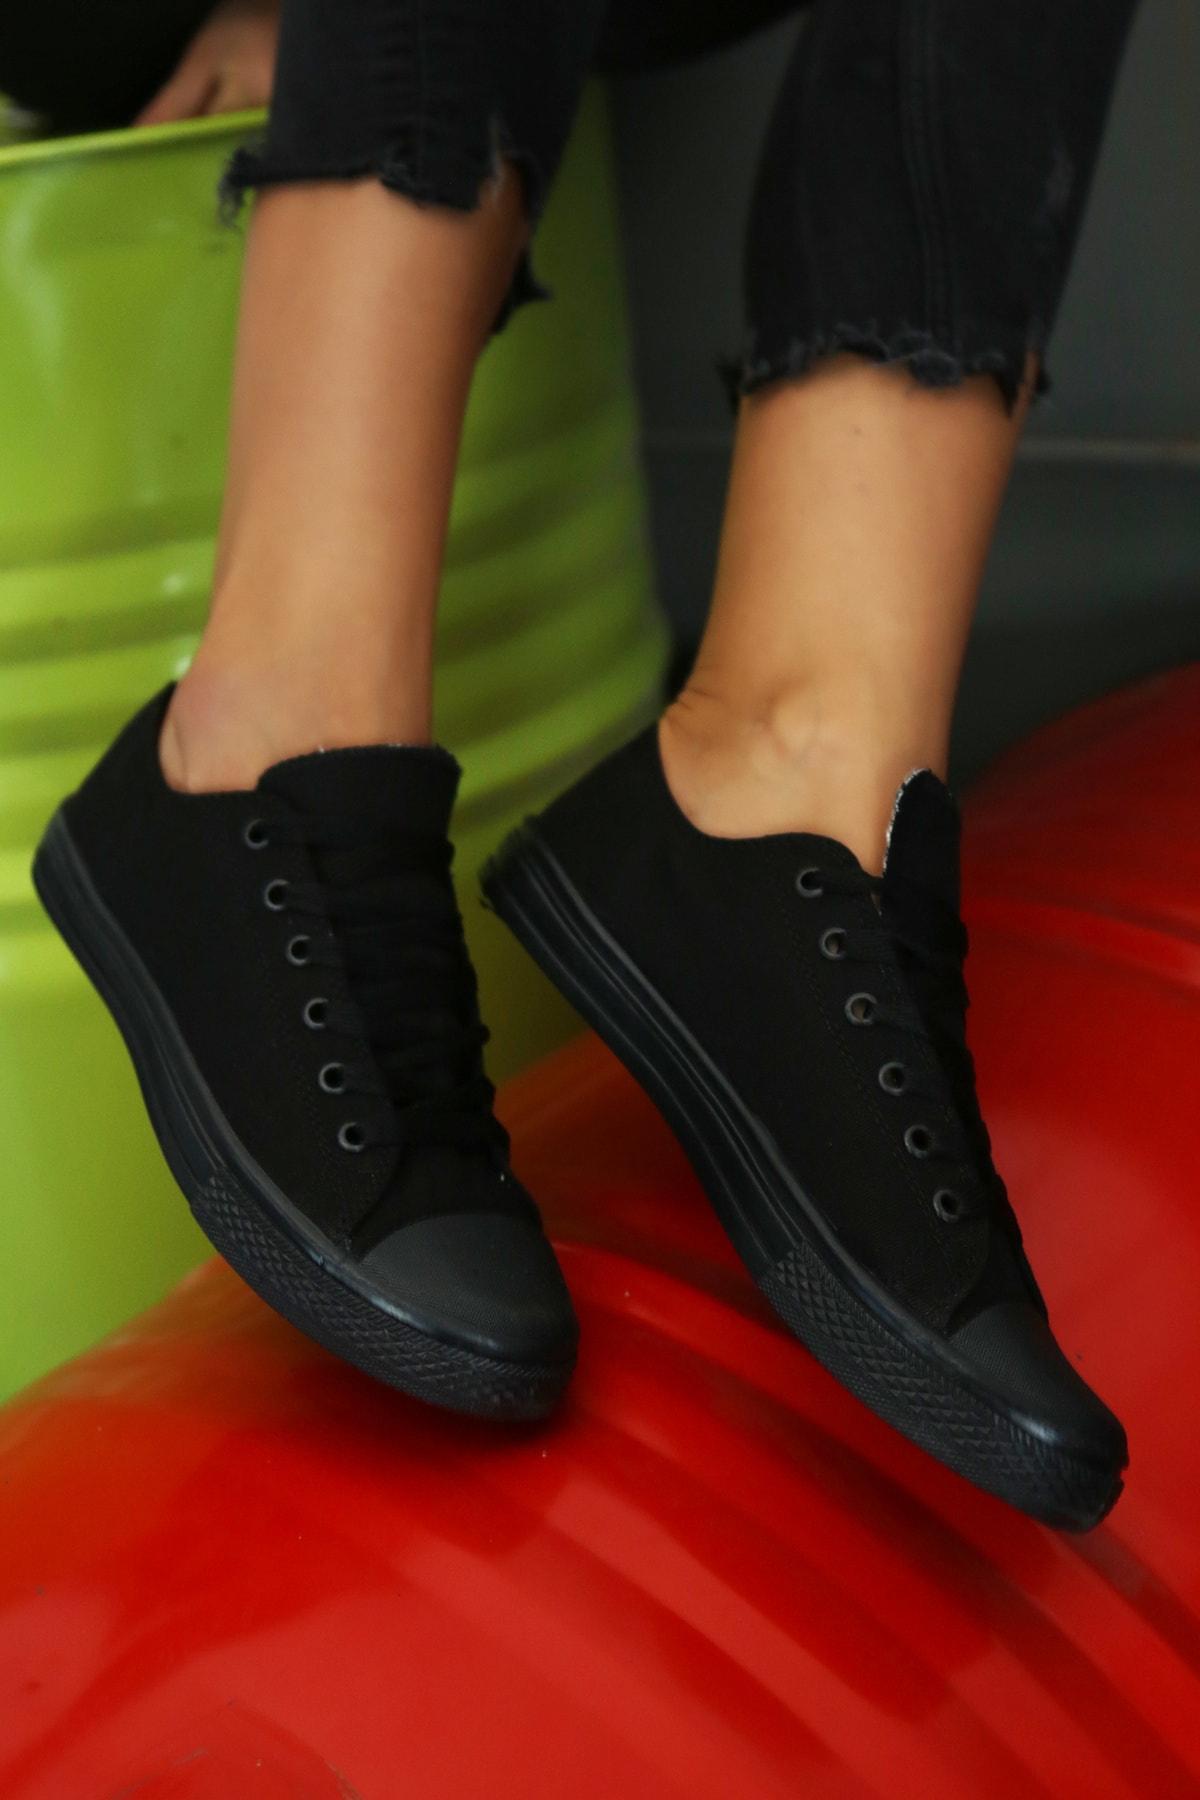 S1441 Kadın Siyah Ayakkabı 9999-19-100165 2